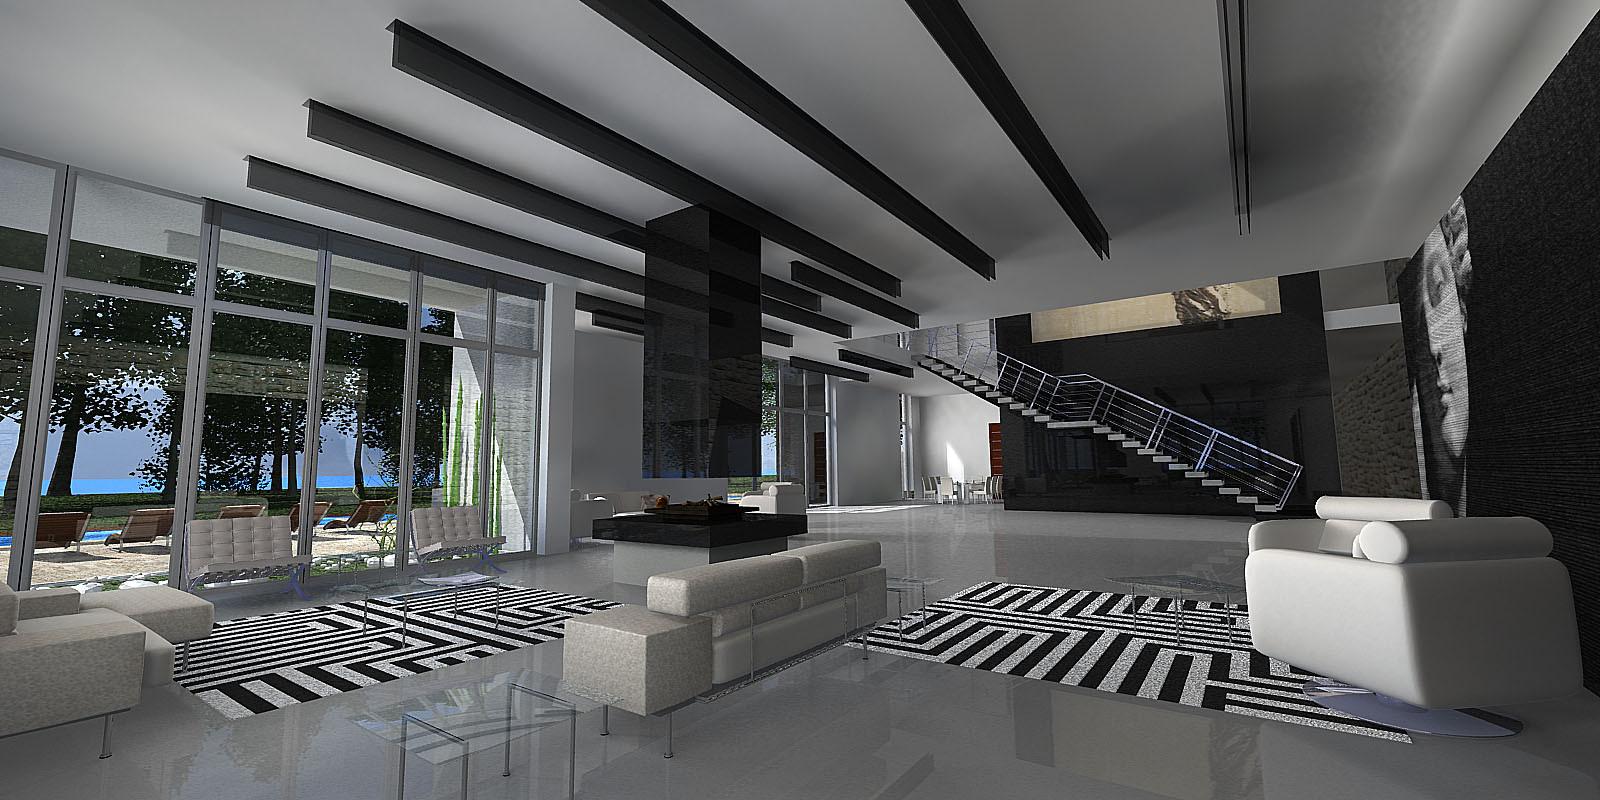 rezidencija0002.jpg